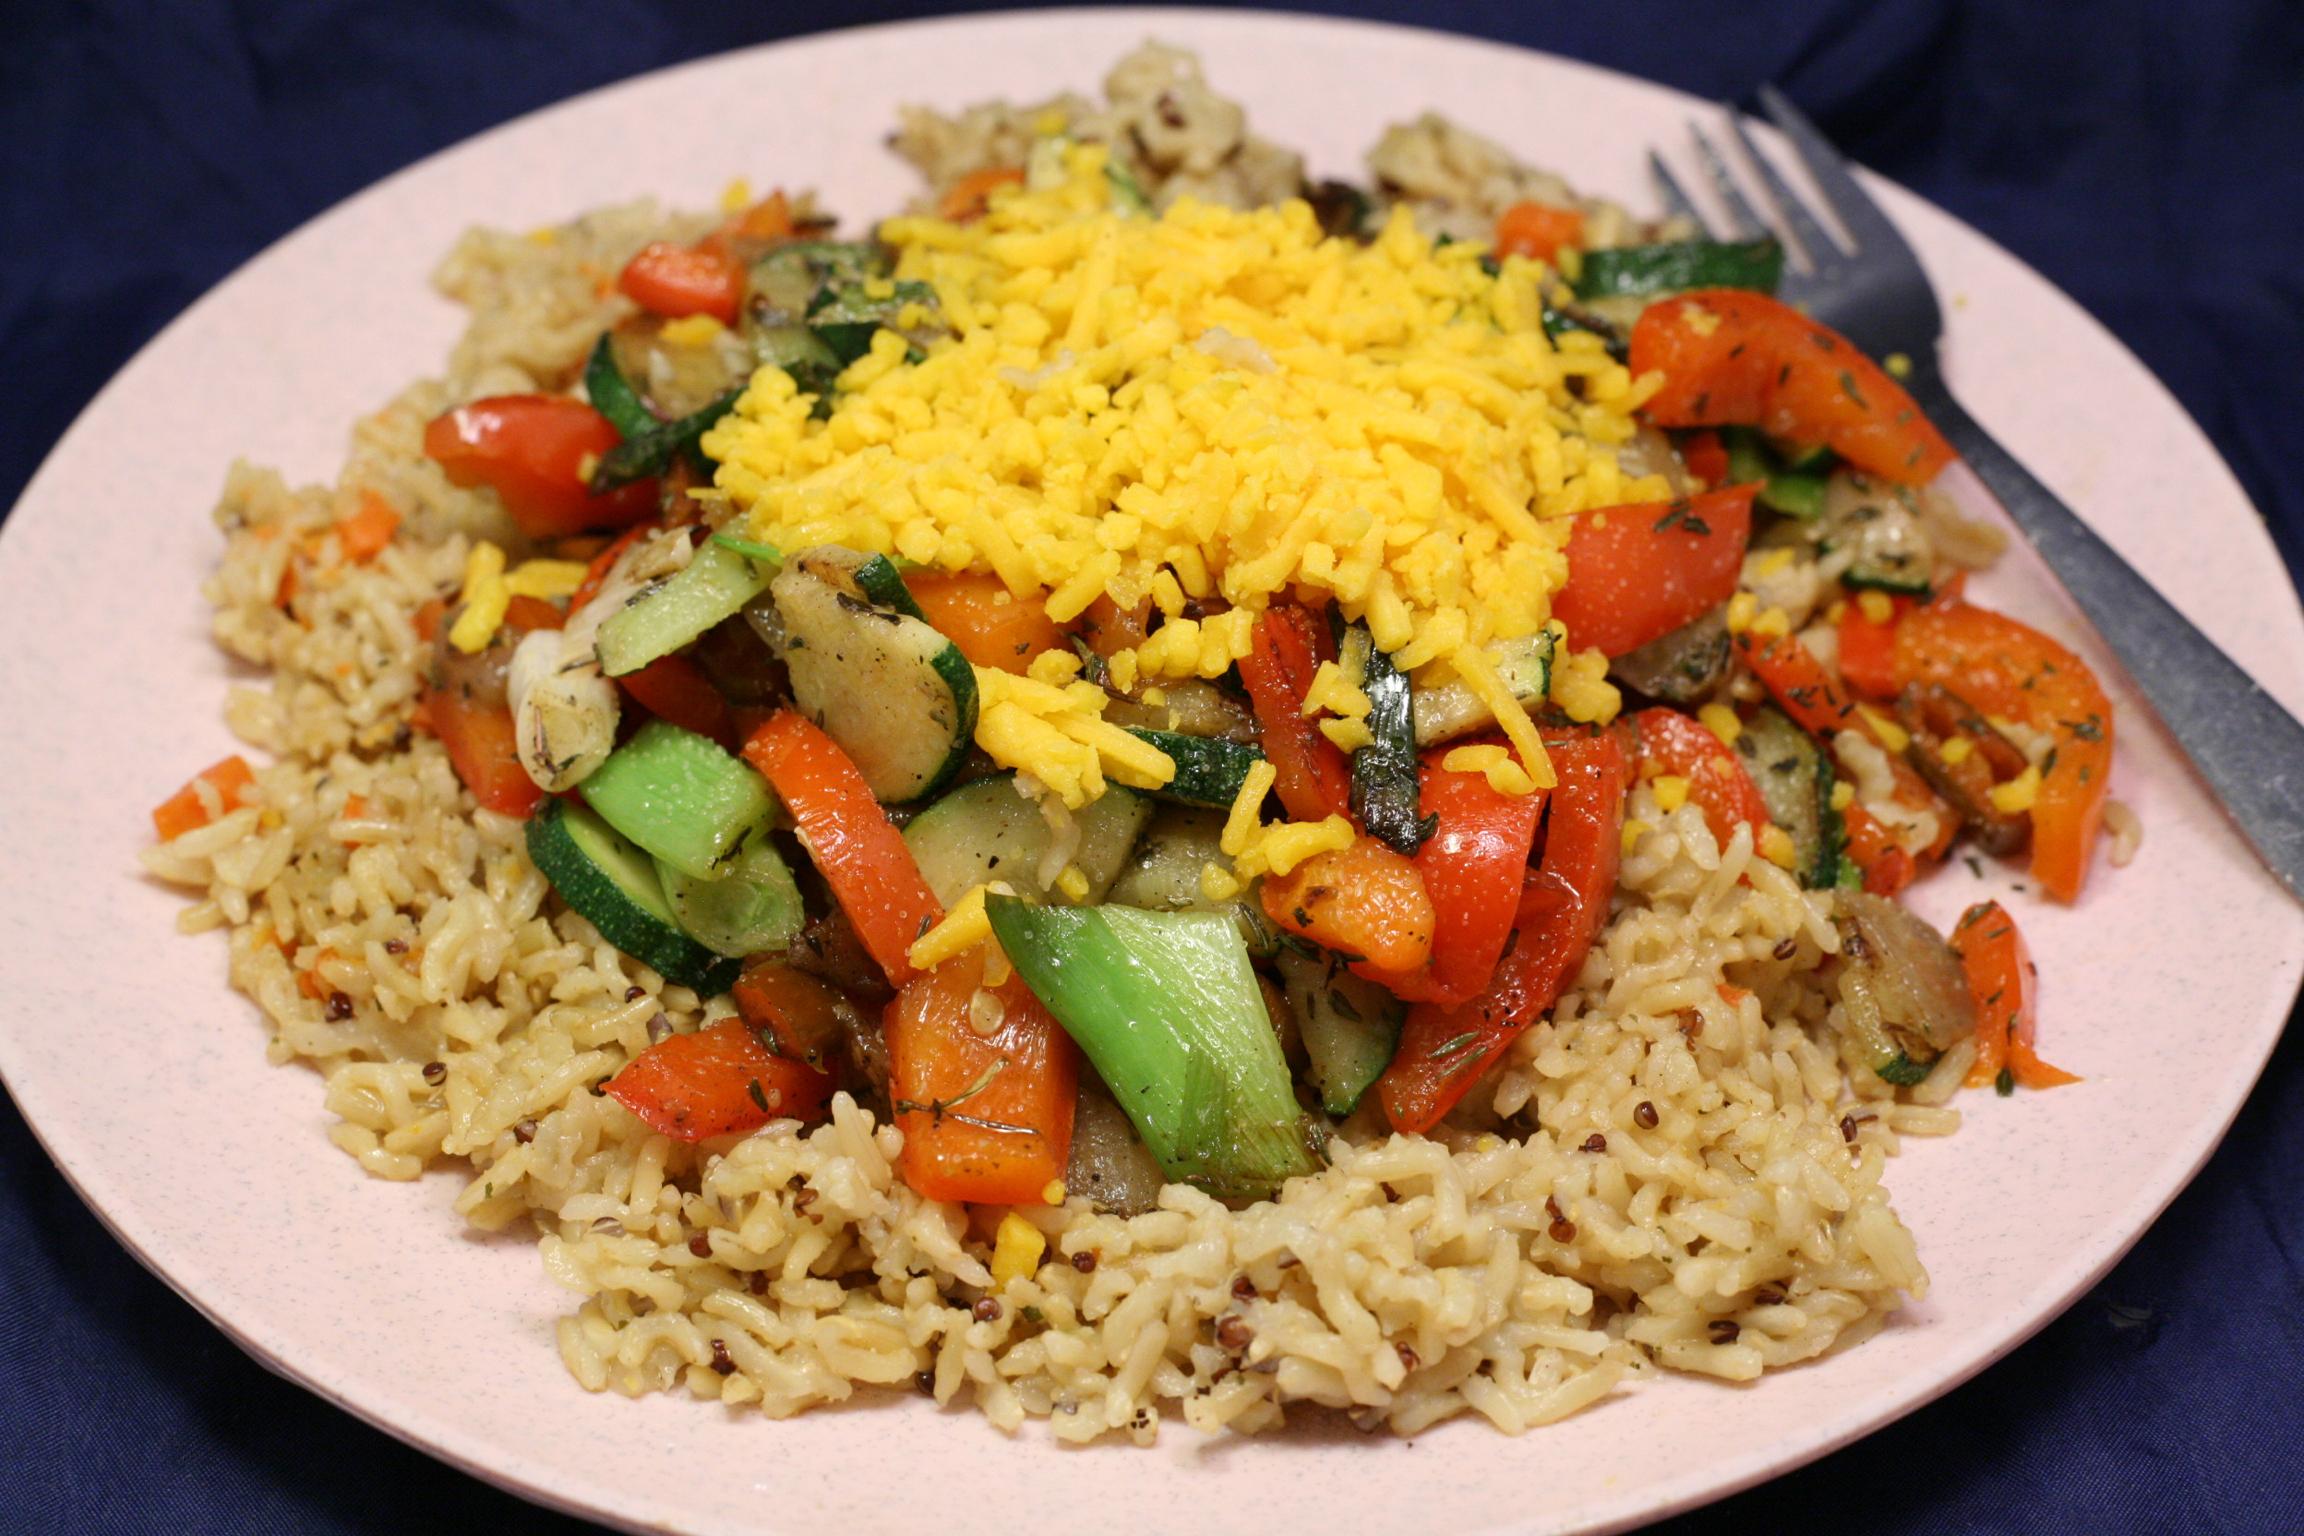 Paprika-Zucchini-Gemüse auf Körner-Mischung